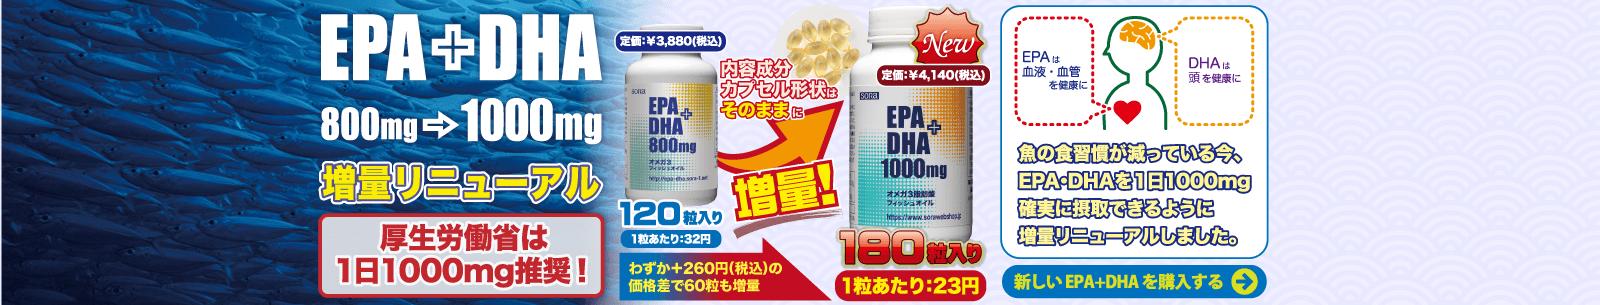 増量リニューアル! EPA+DHA 1000mg